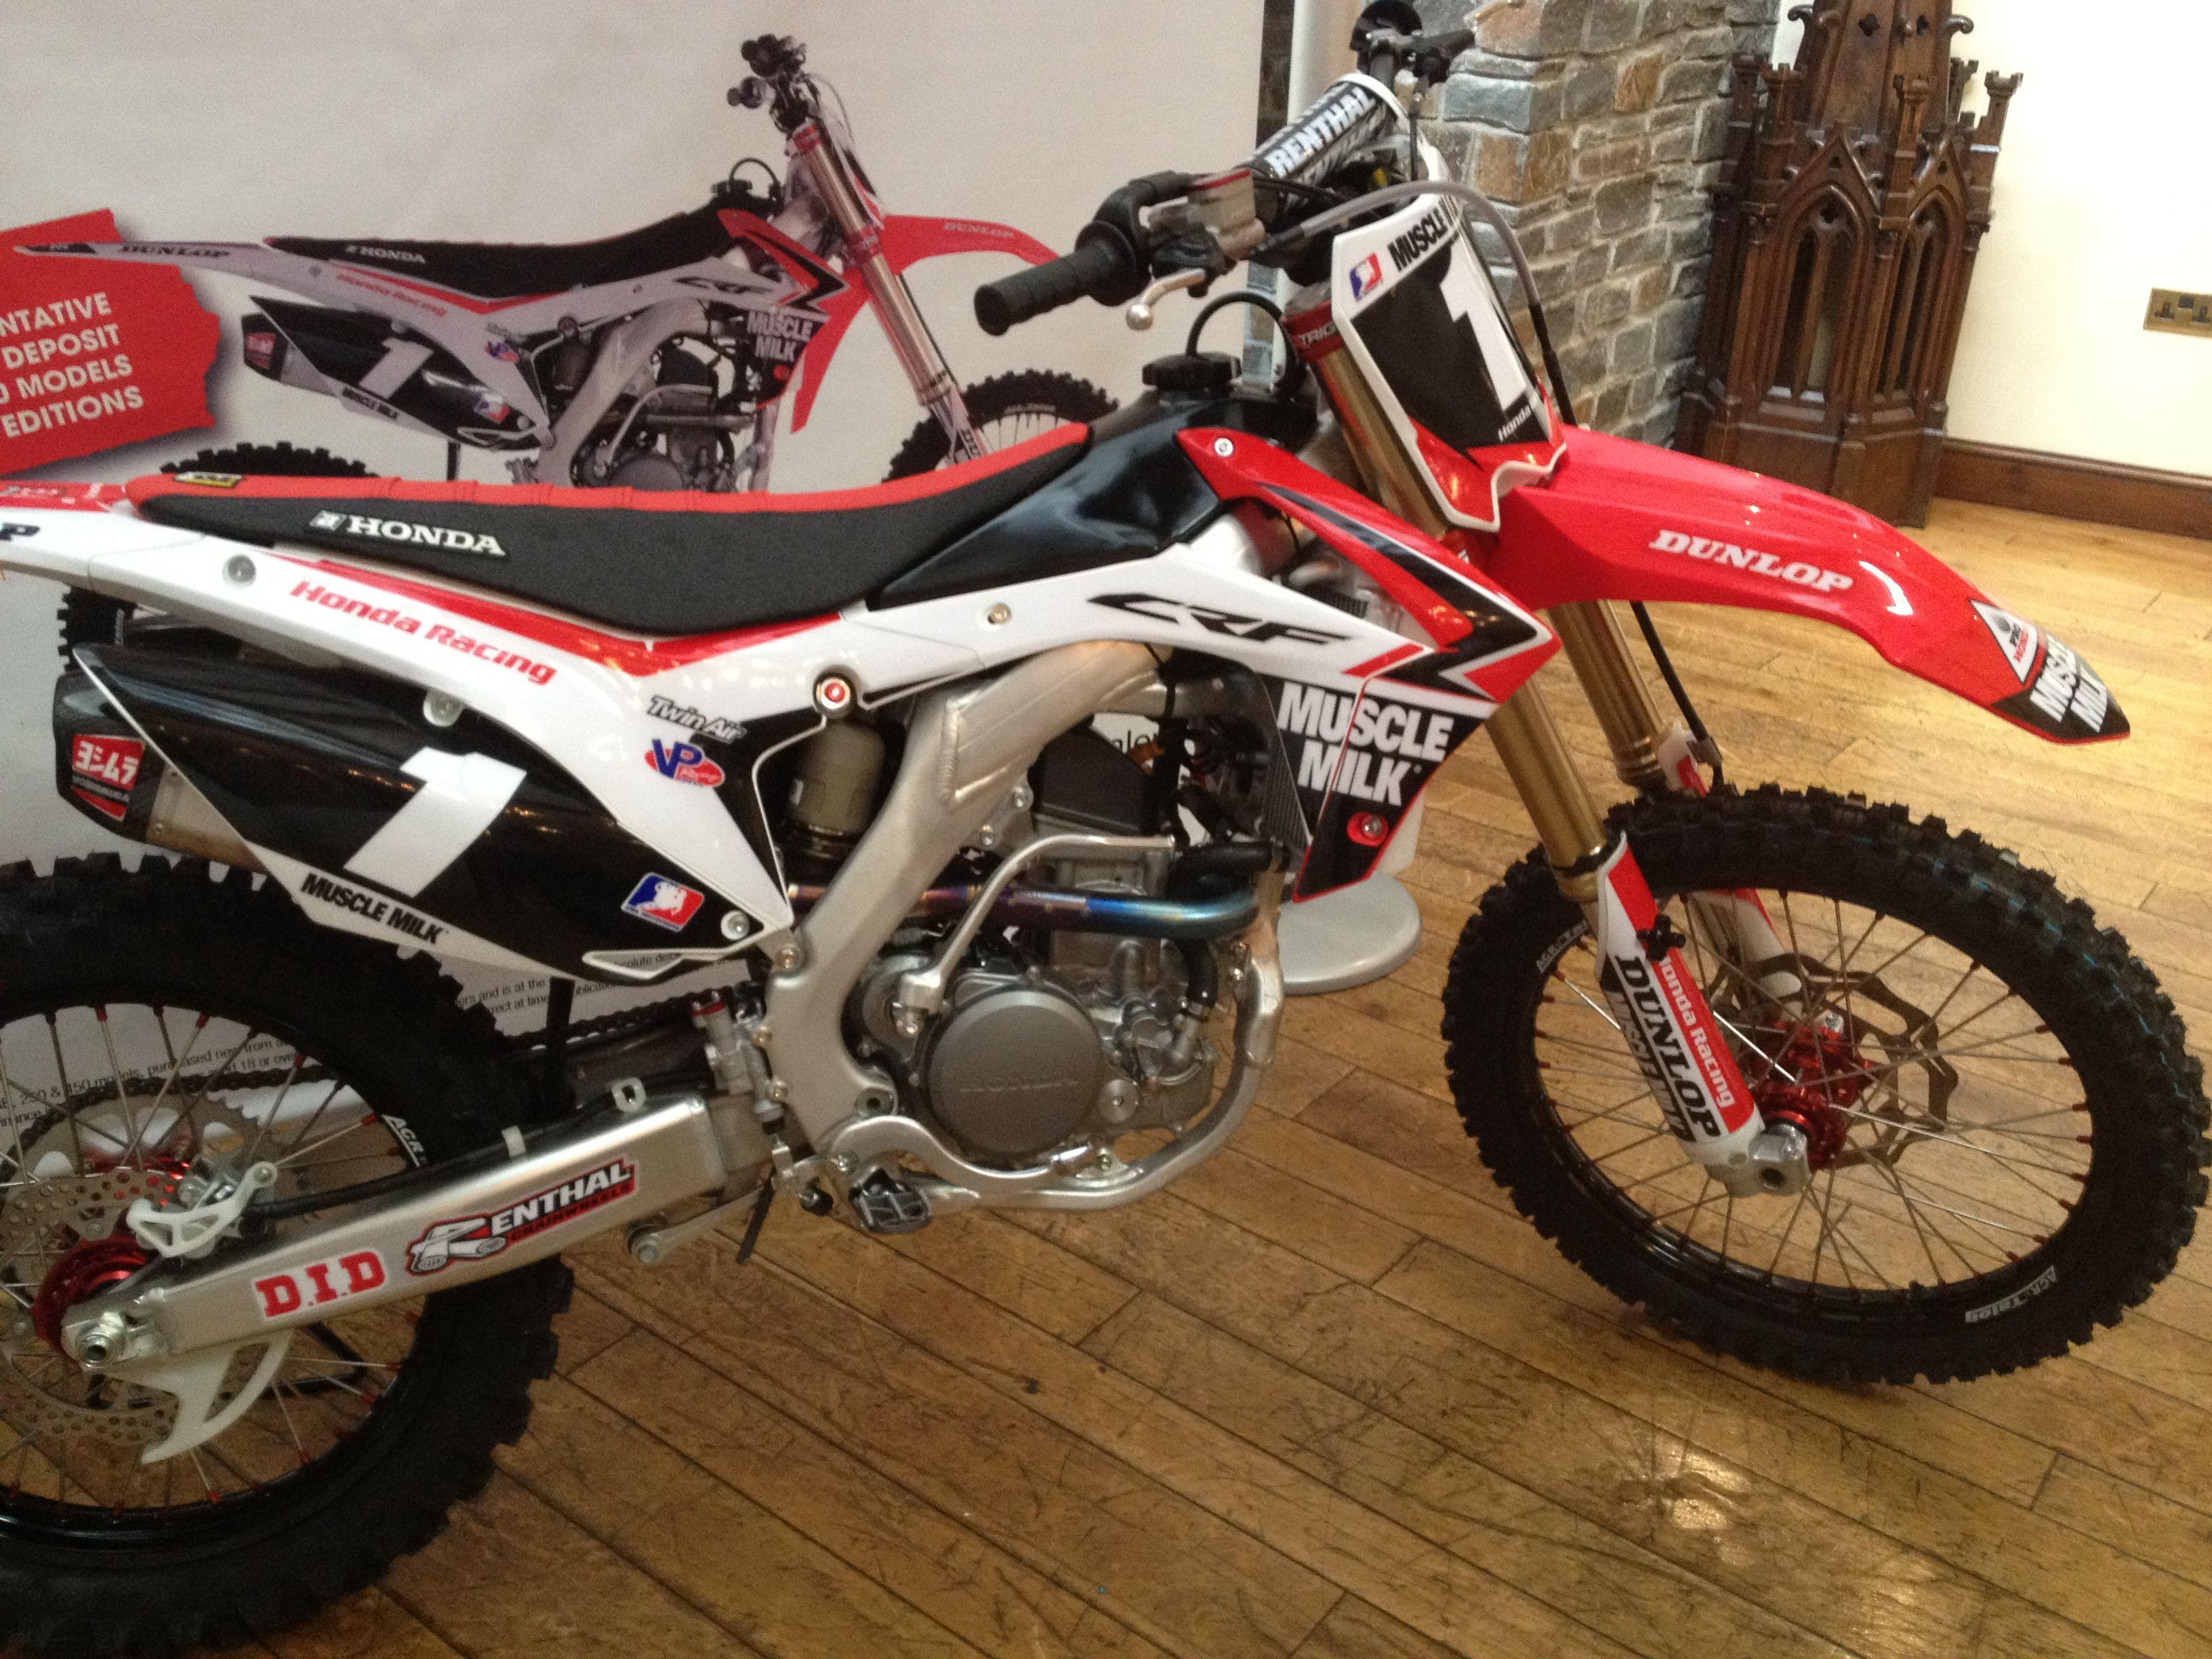 New Muscle Milk 2014 Crf250r From Kestrel Honda Honda Motocross Motorbikes